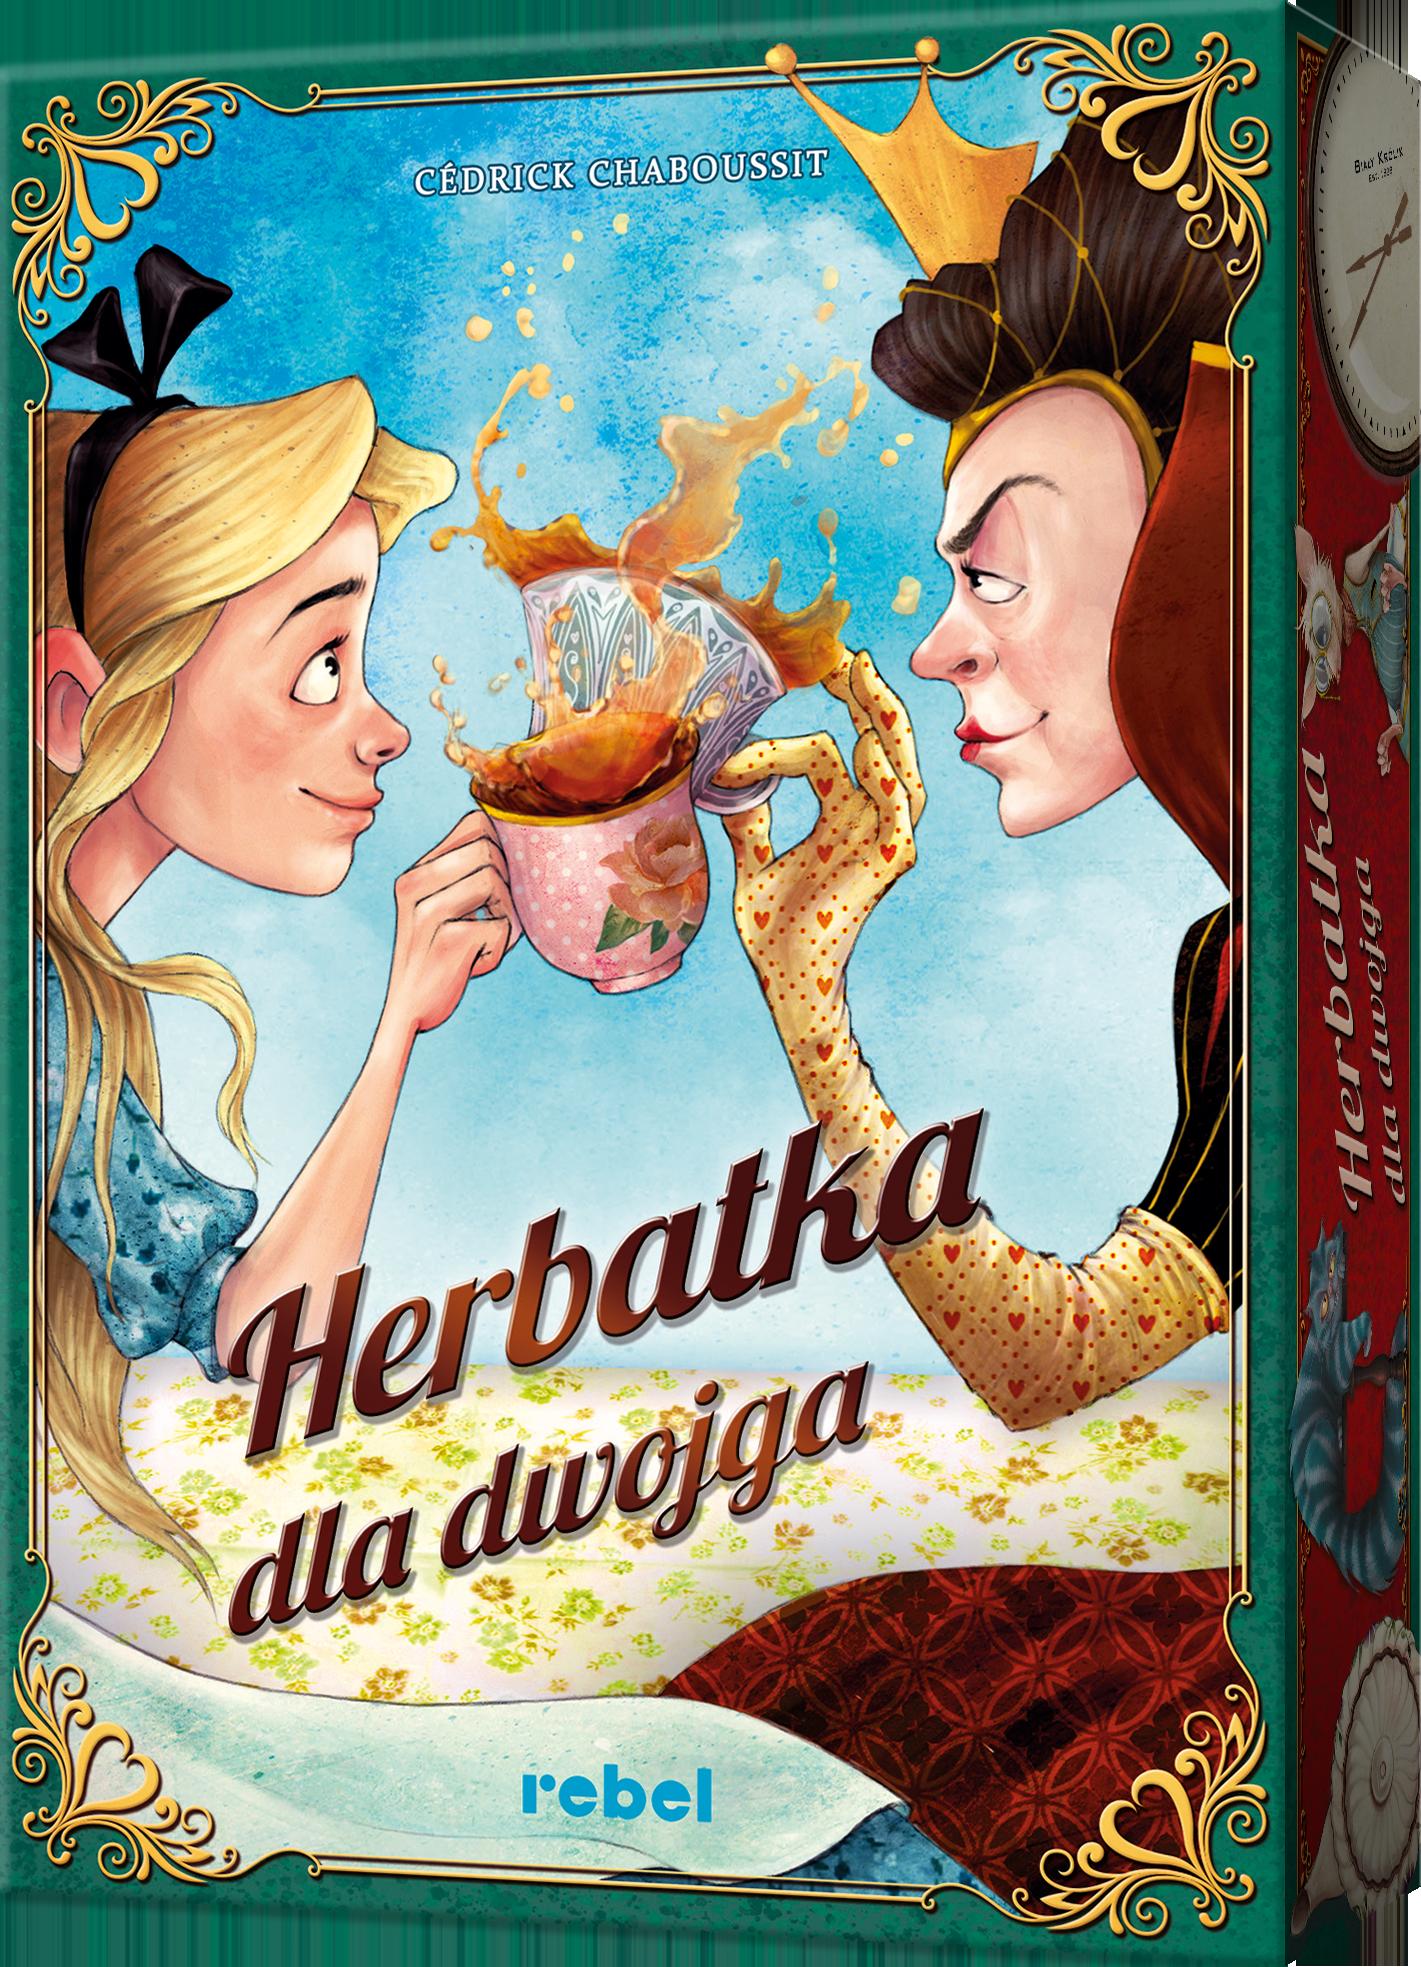 Herbatka dla dwojga (gra planszowa)